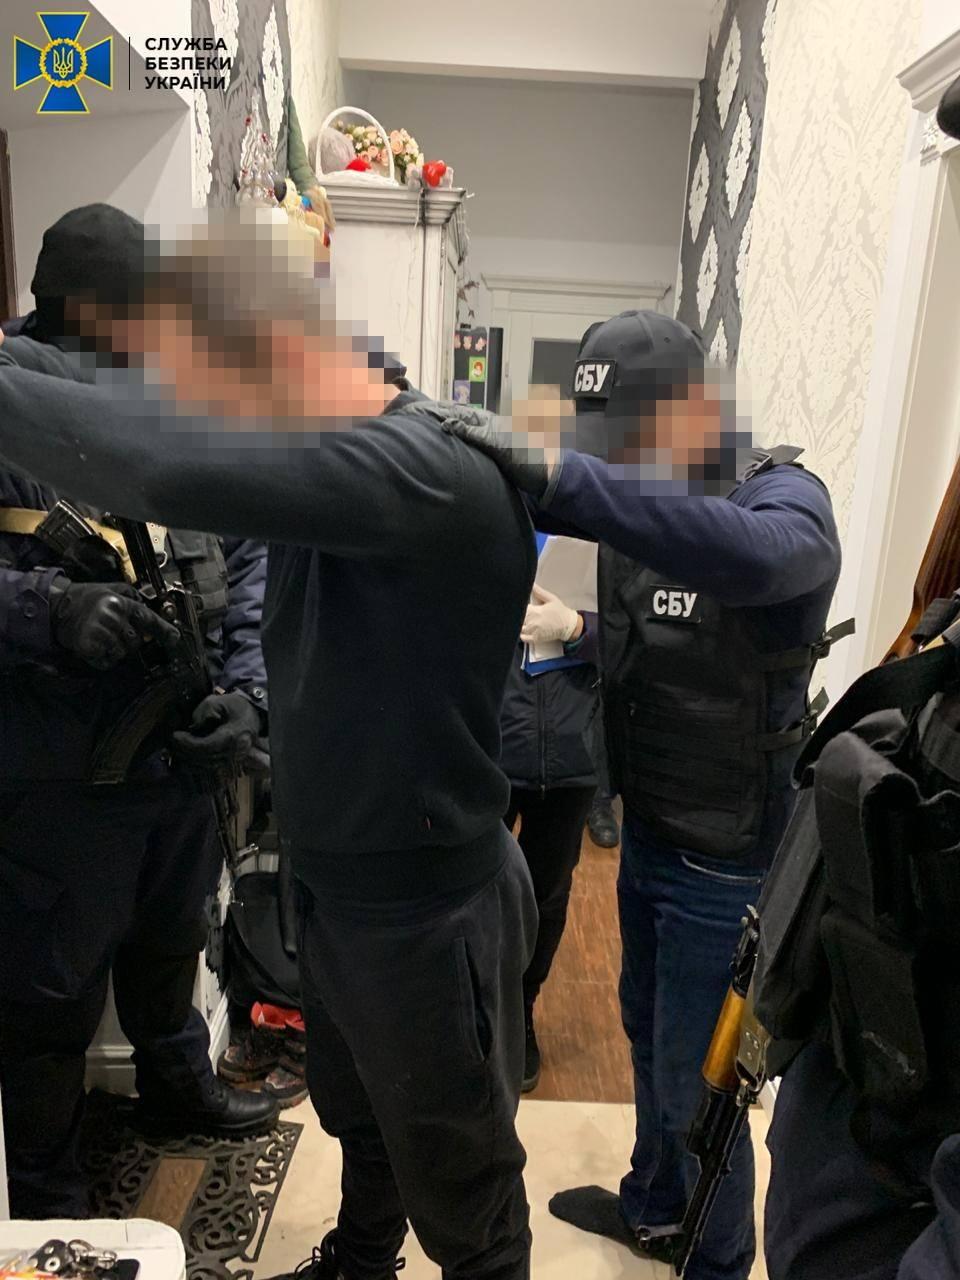 Задержание подозреваемых (Фото: пресс-служба СБУ)